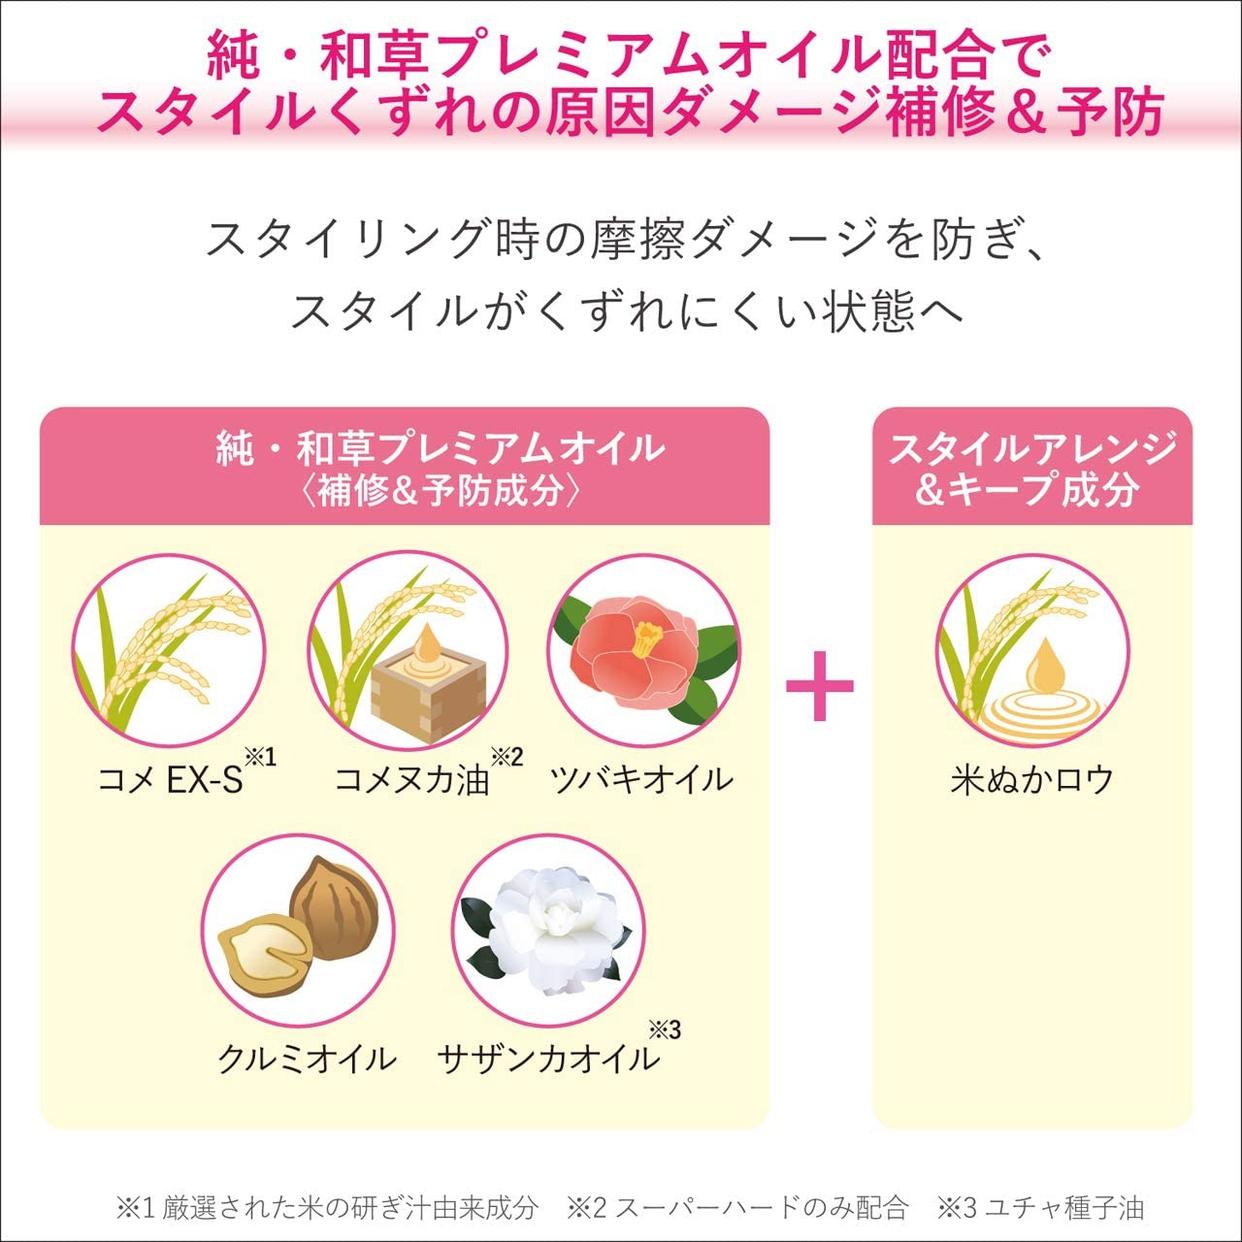 いち髪(ICHIKAMI) ヘアキープ和草スティック(ナチュラル)の商品画像5